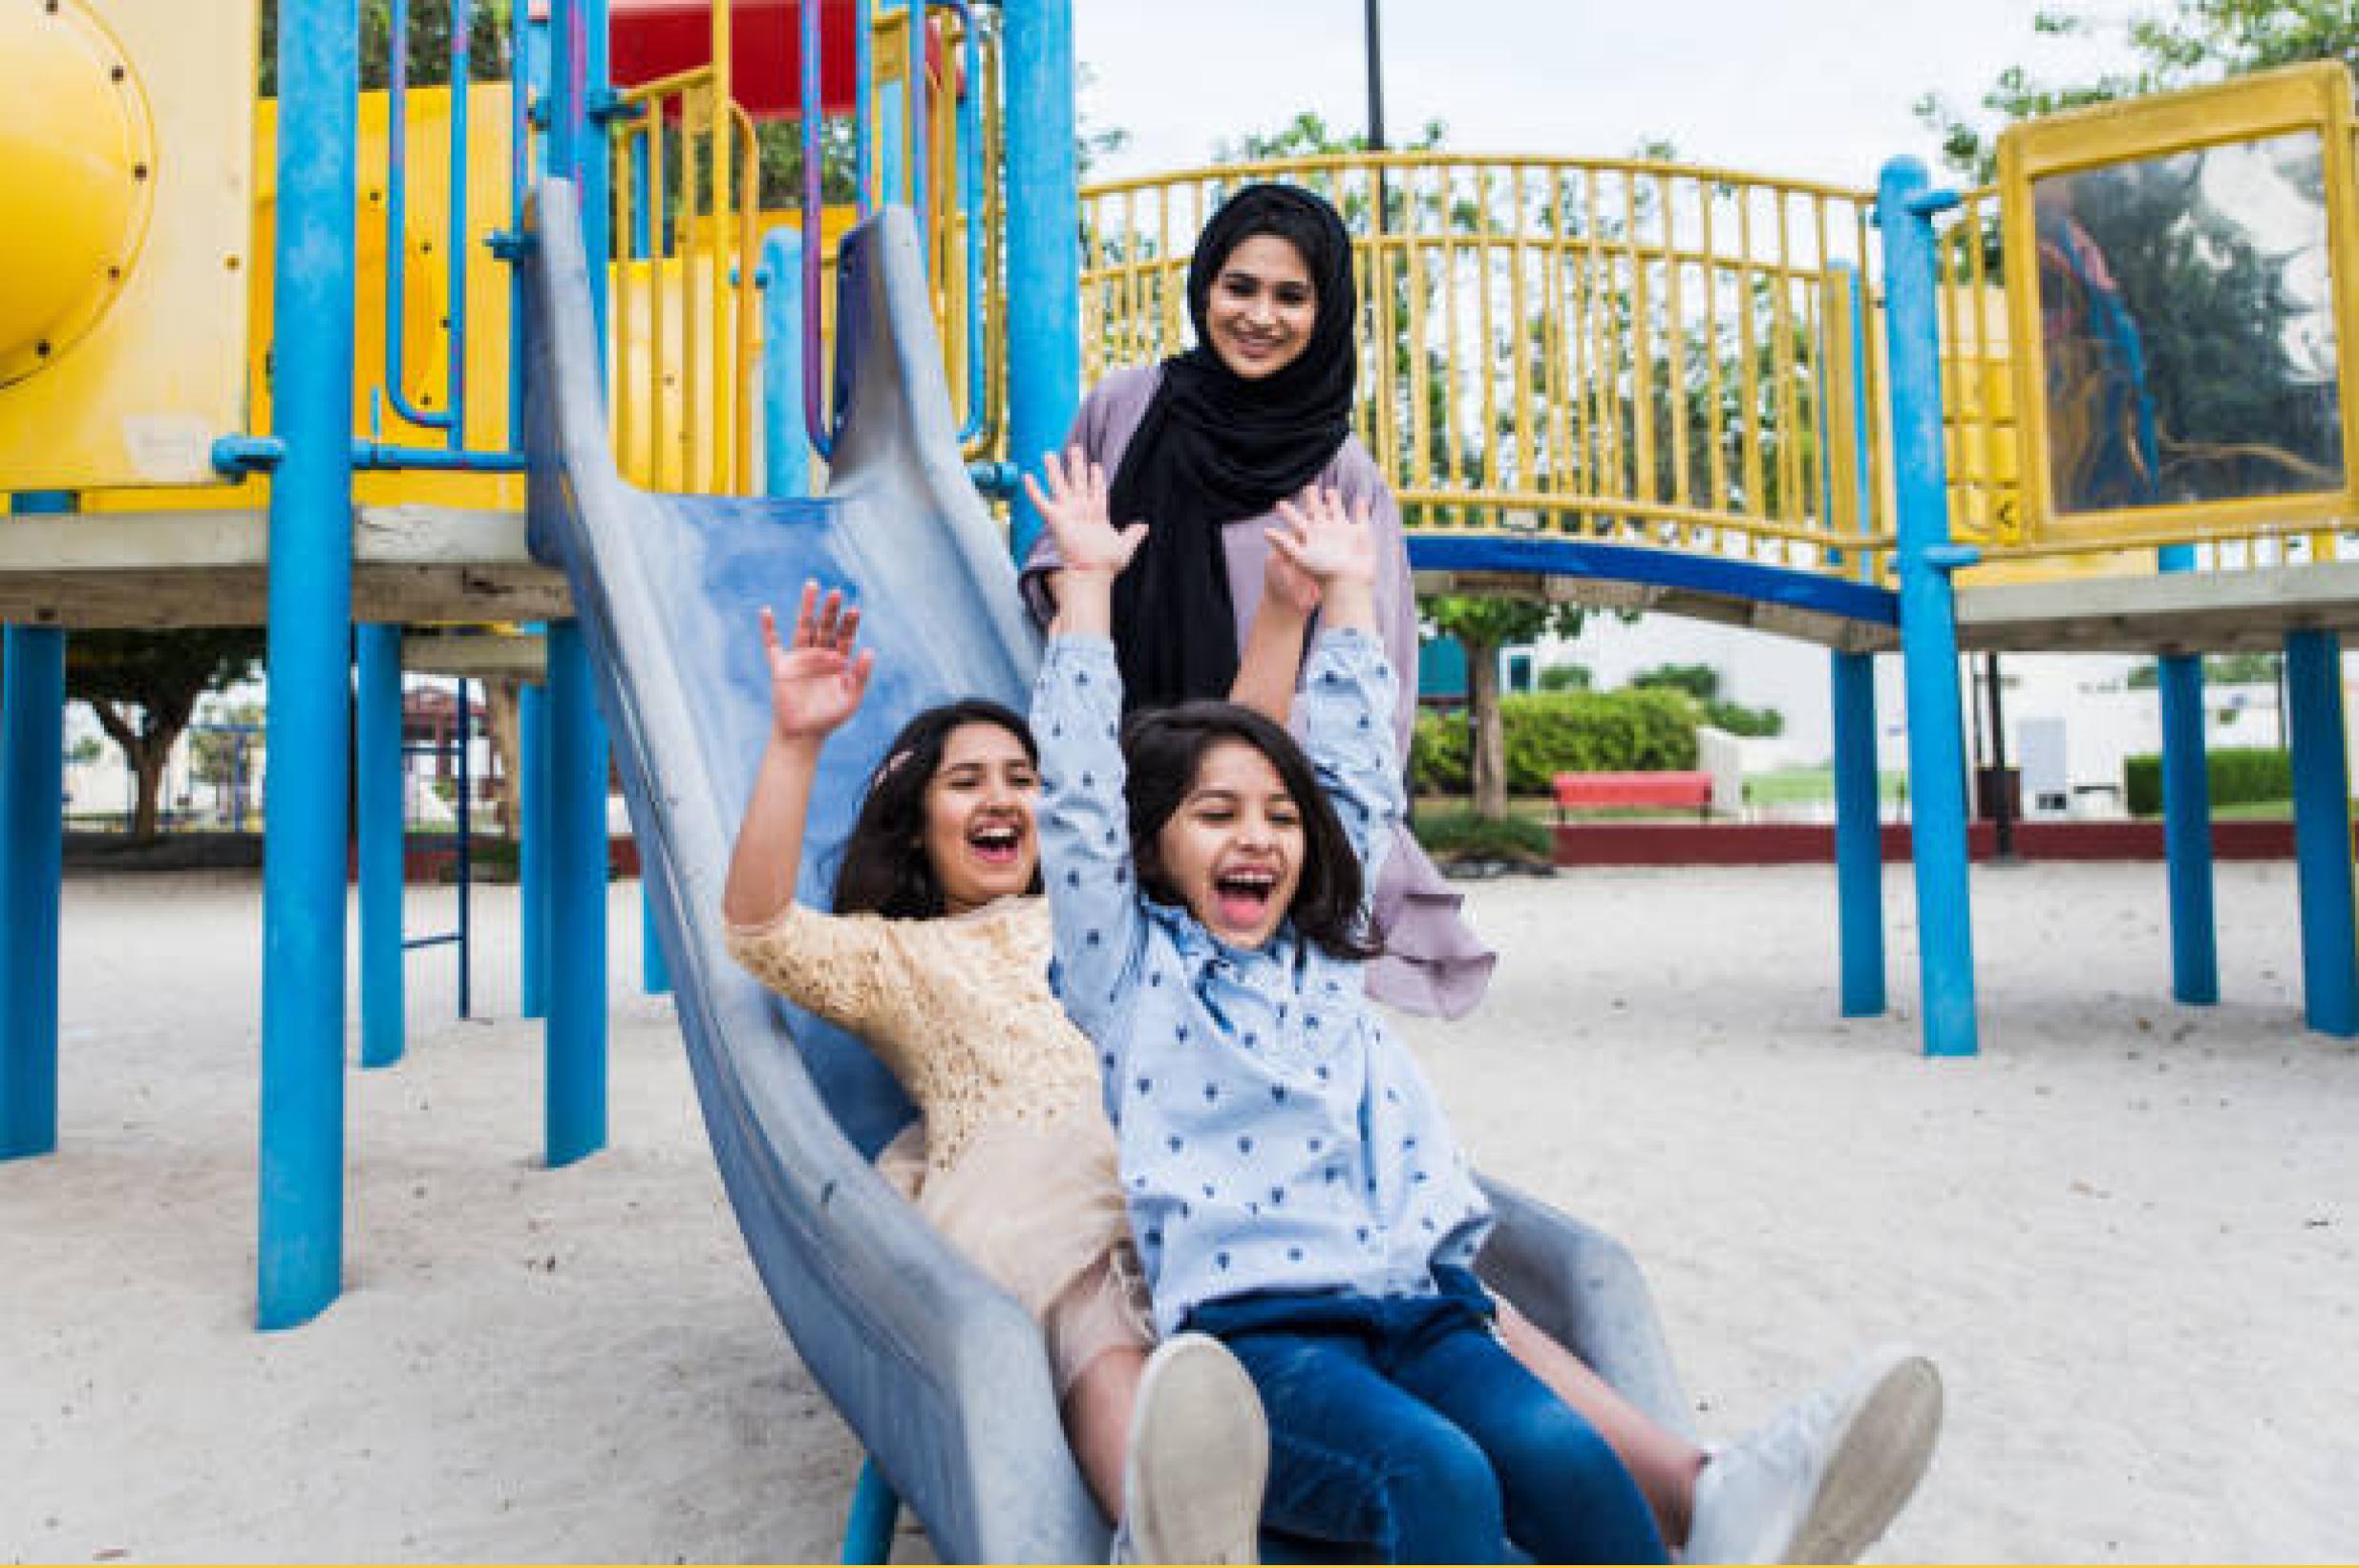 5 ways to celebrate Eid al-Fitr